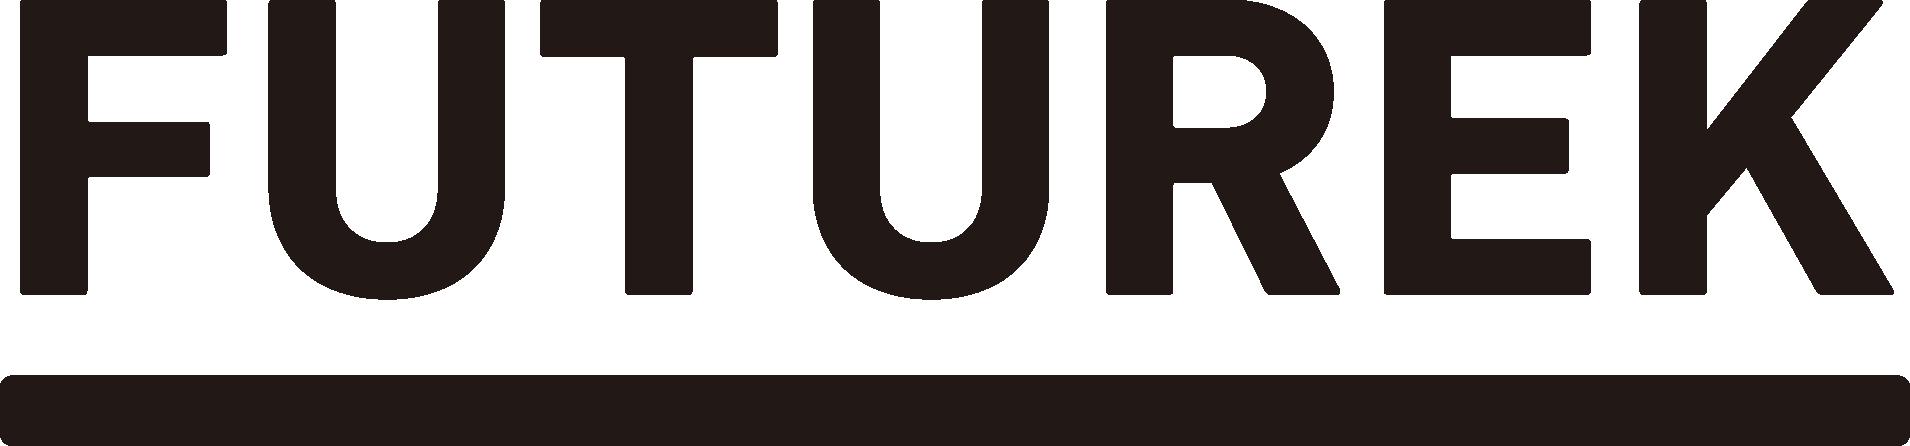 05c1a64ec4 futurek logo